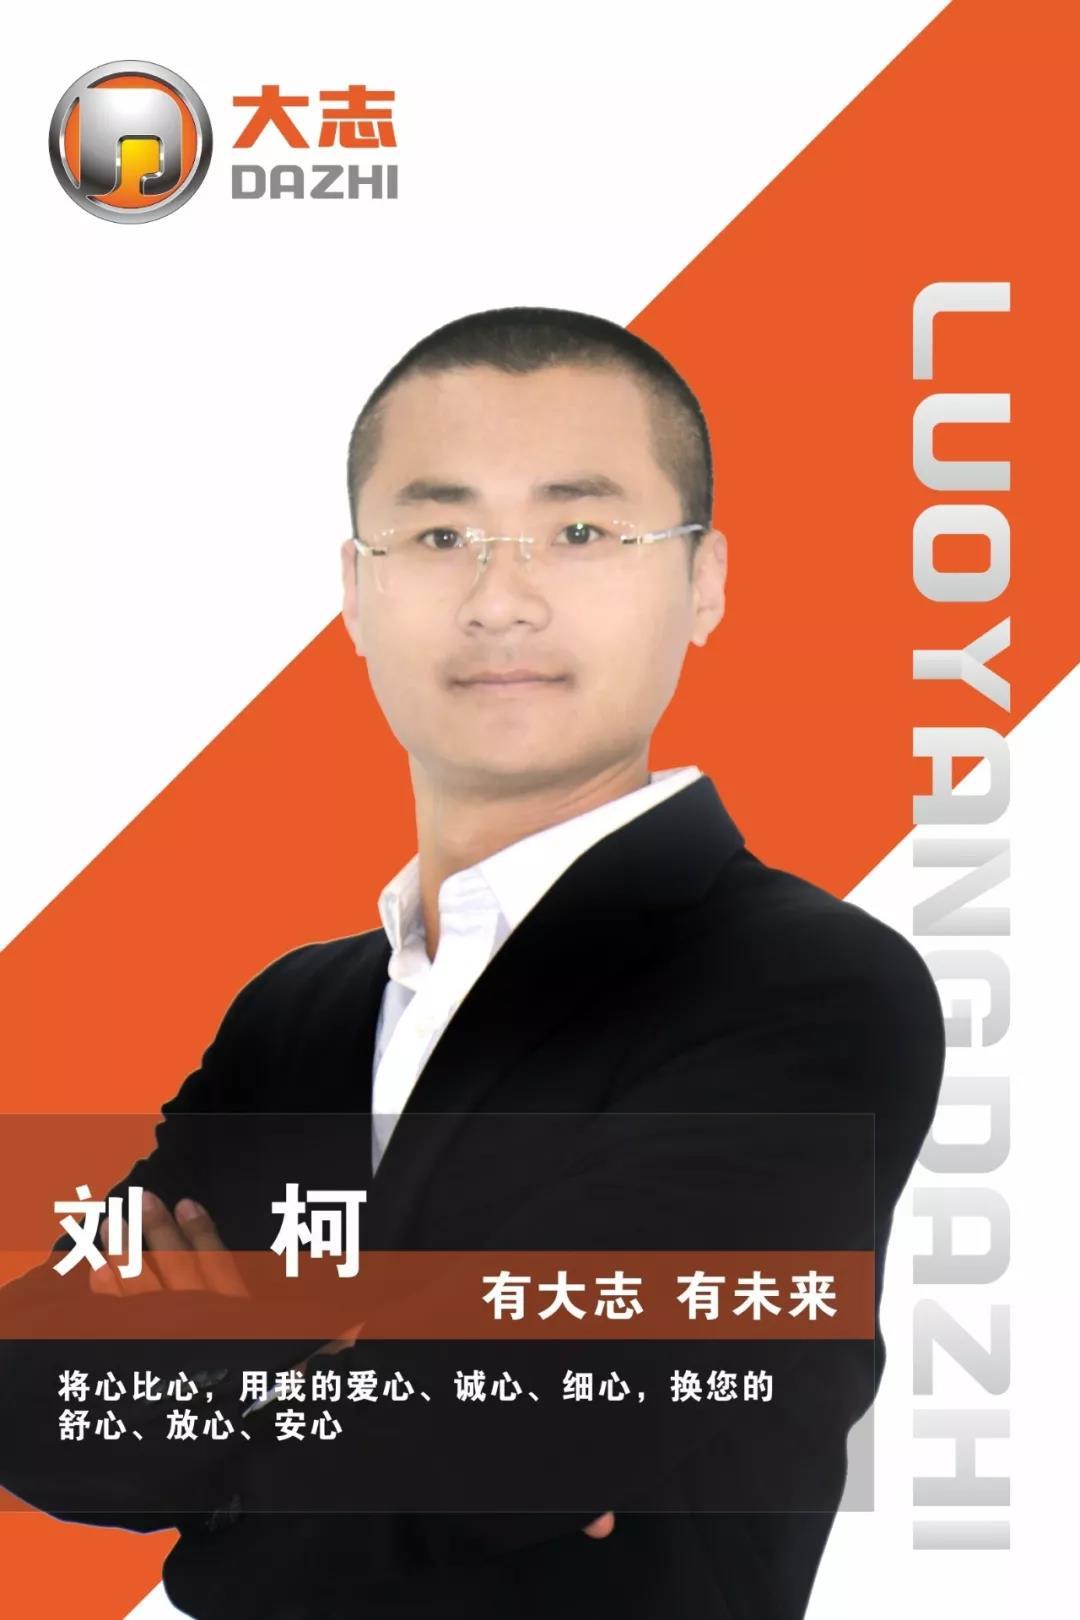 大志微轿业务经理刘柯.jpg